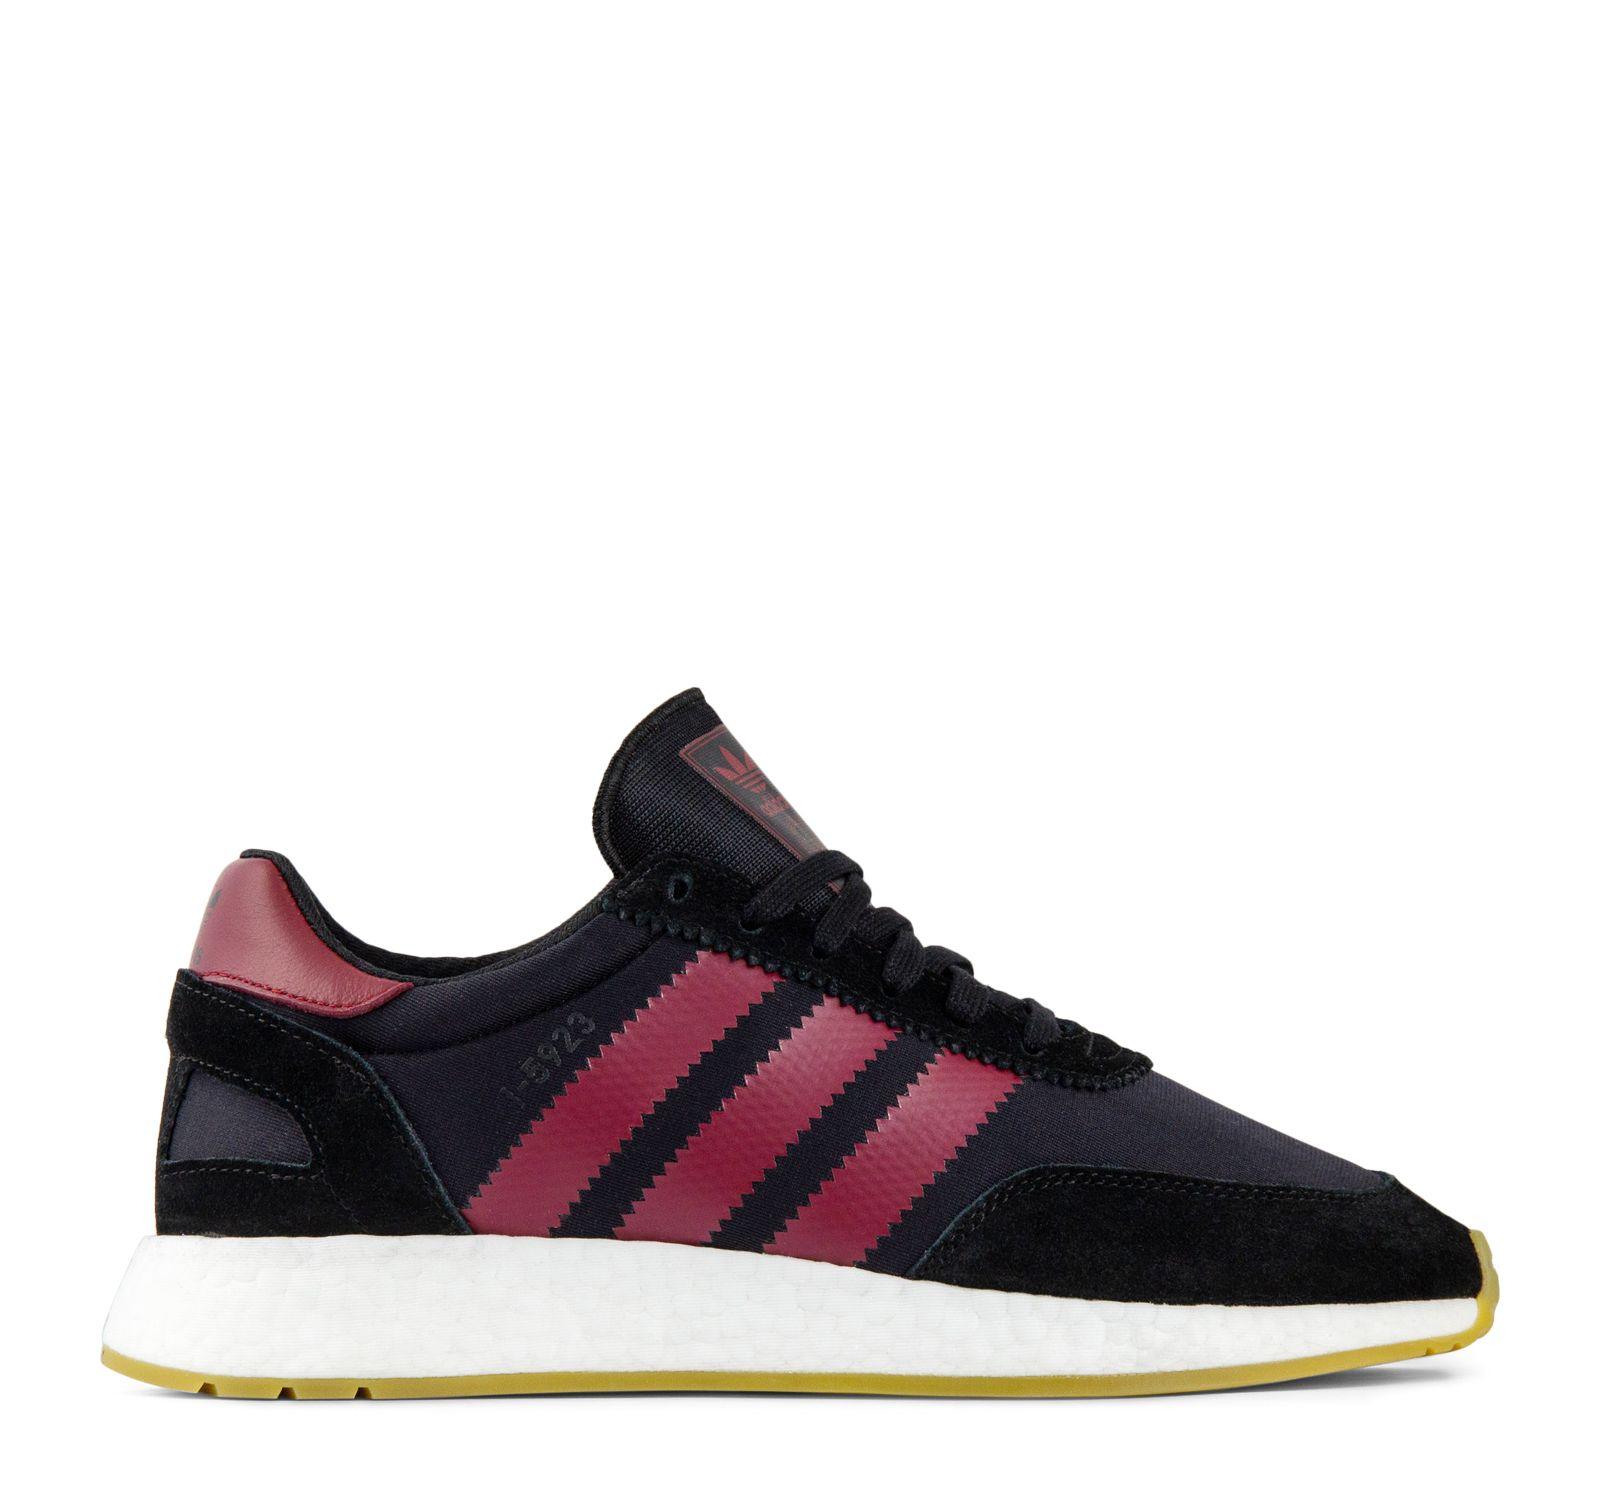 new arrival c125b 341a6 Adidas Originals I-5923 B37946 - BlackBurgundy